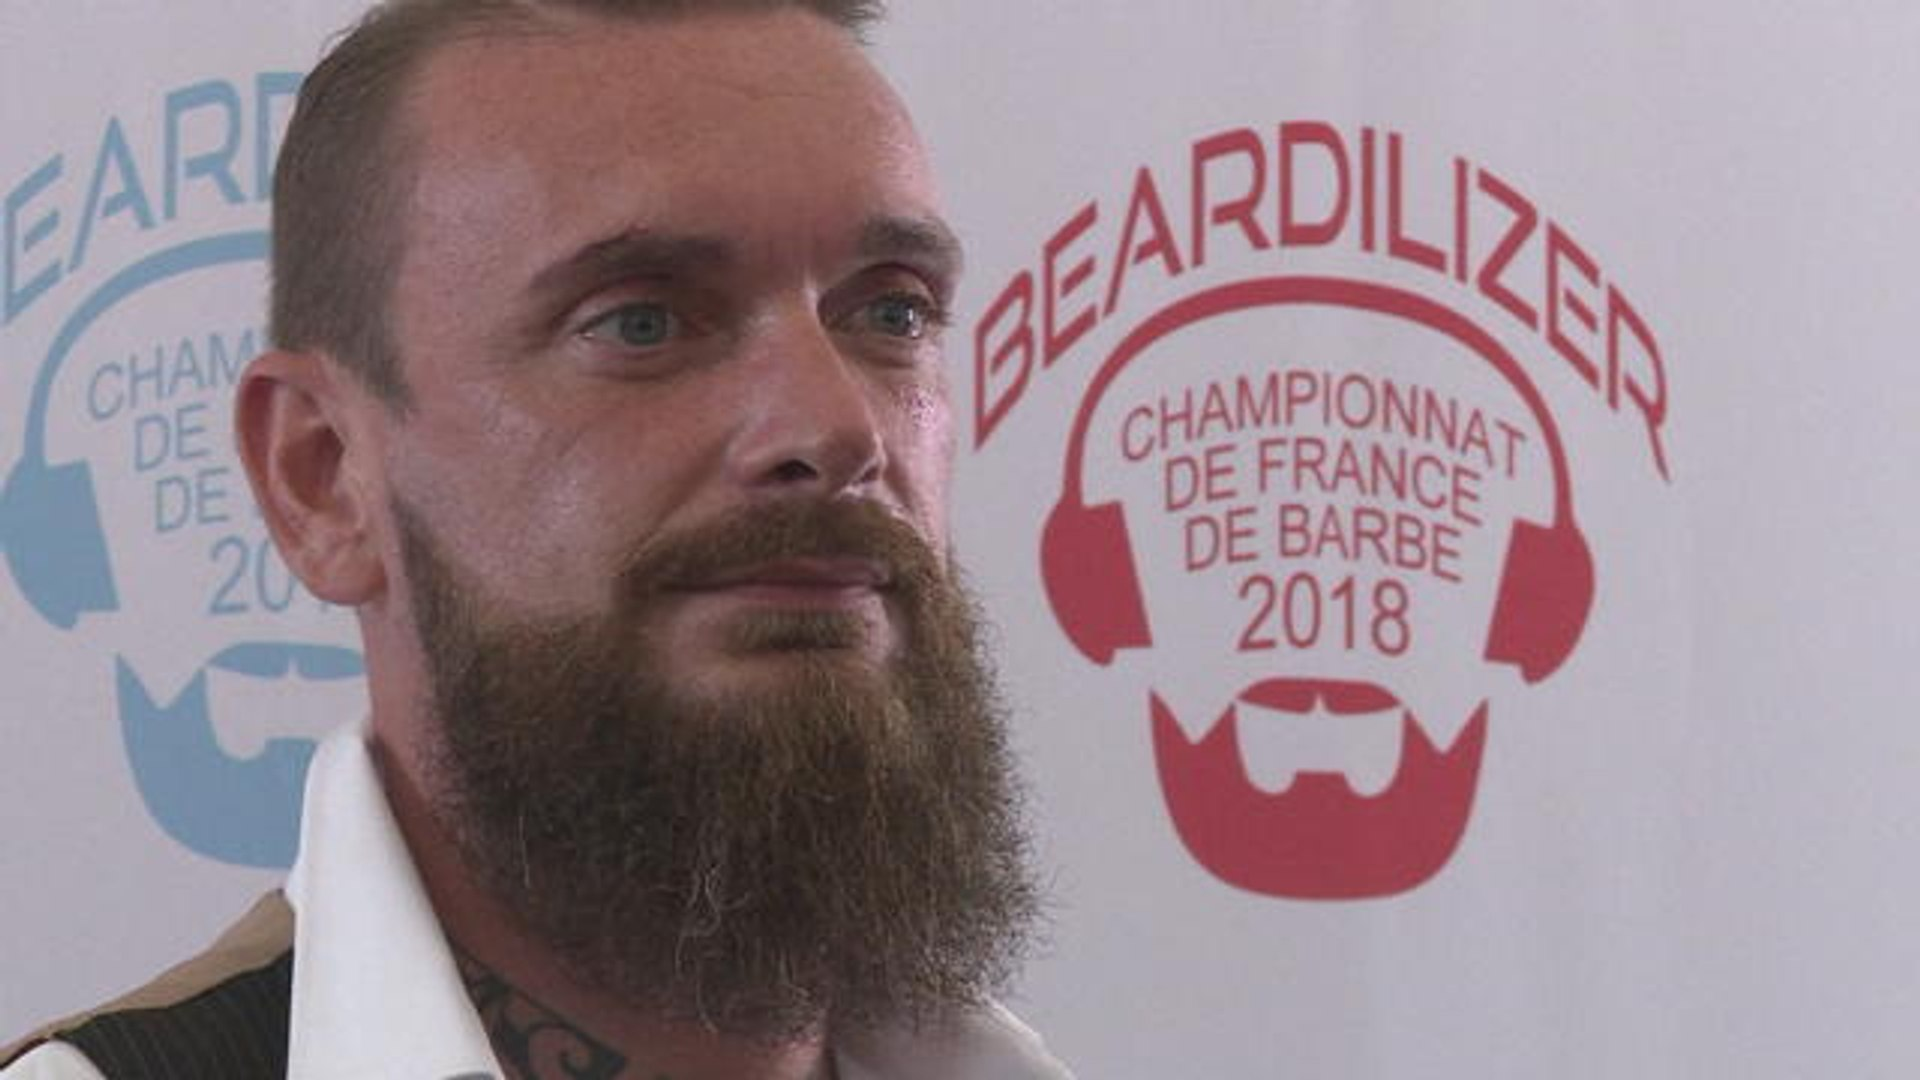 Le championnat de France de barbe 2018 - 10/06/2018